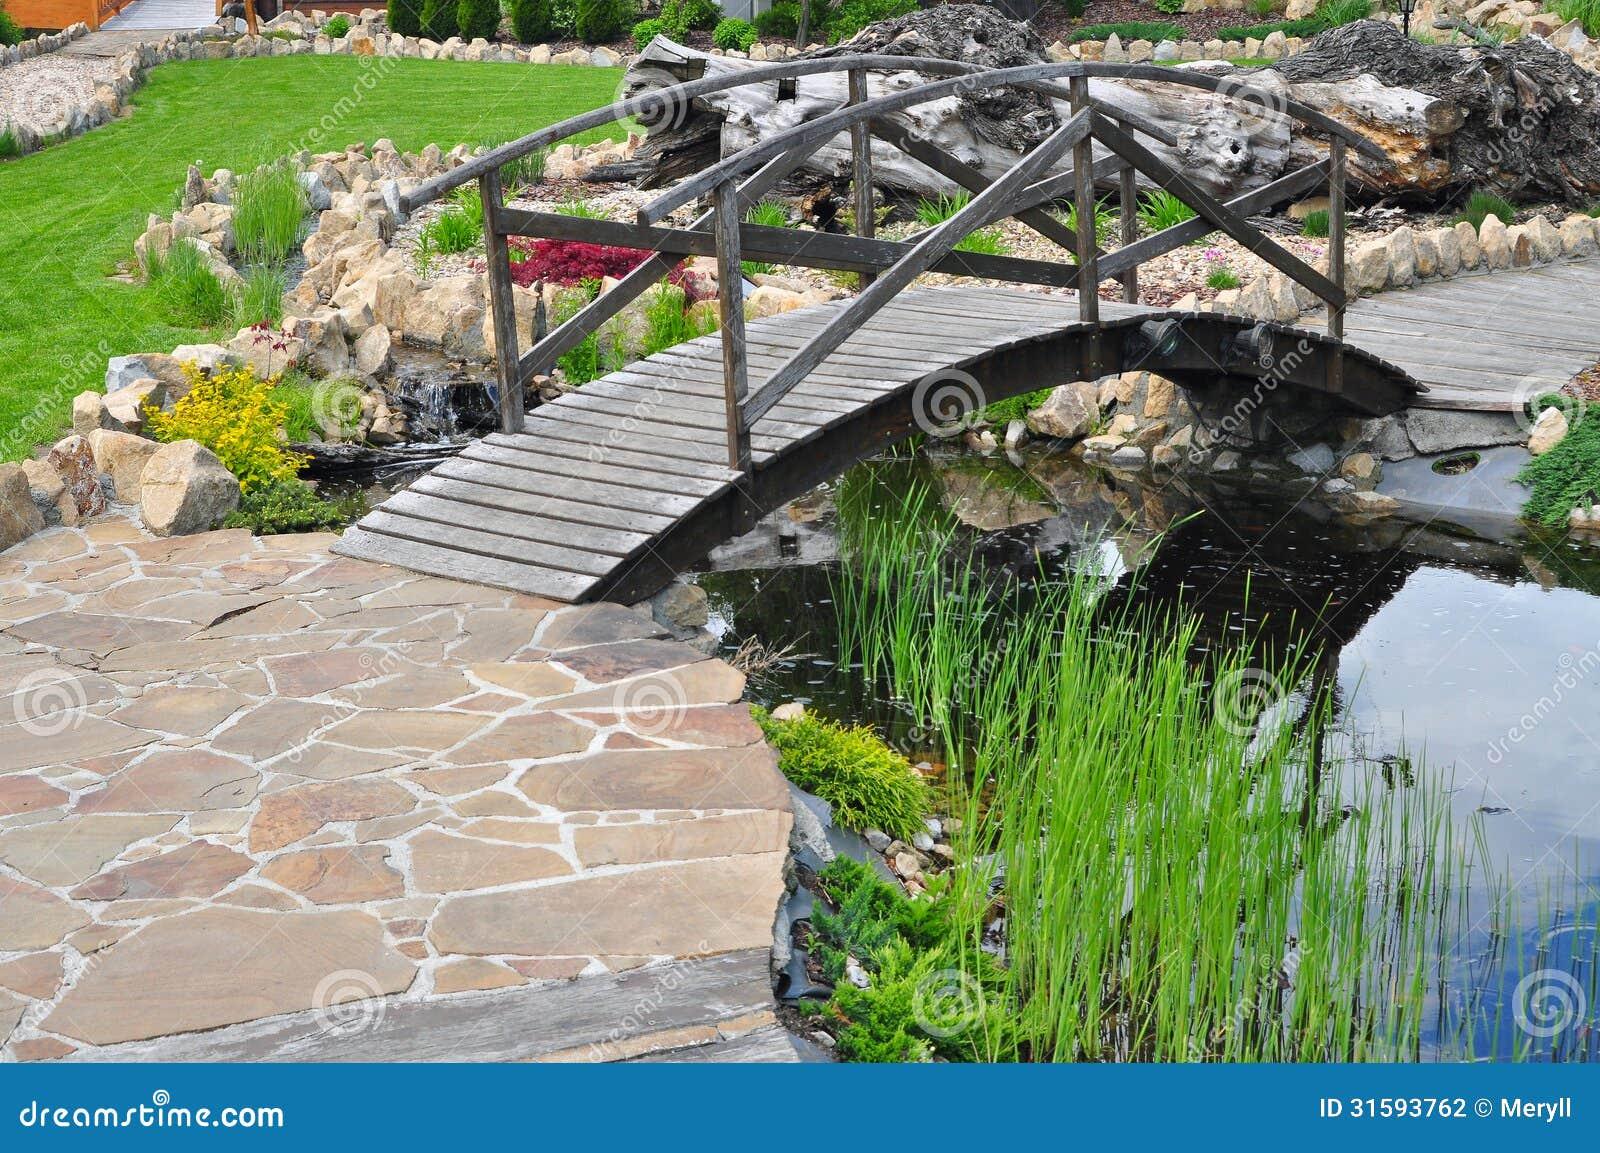 spring garden bridge park - photo #24